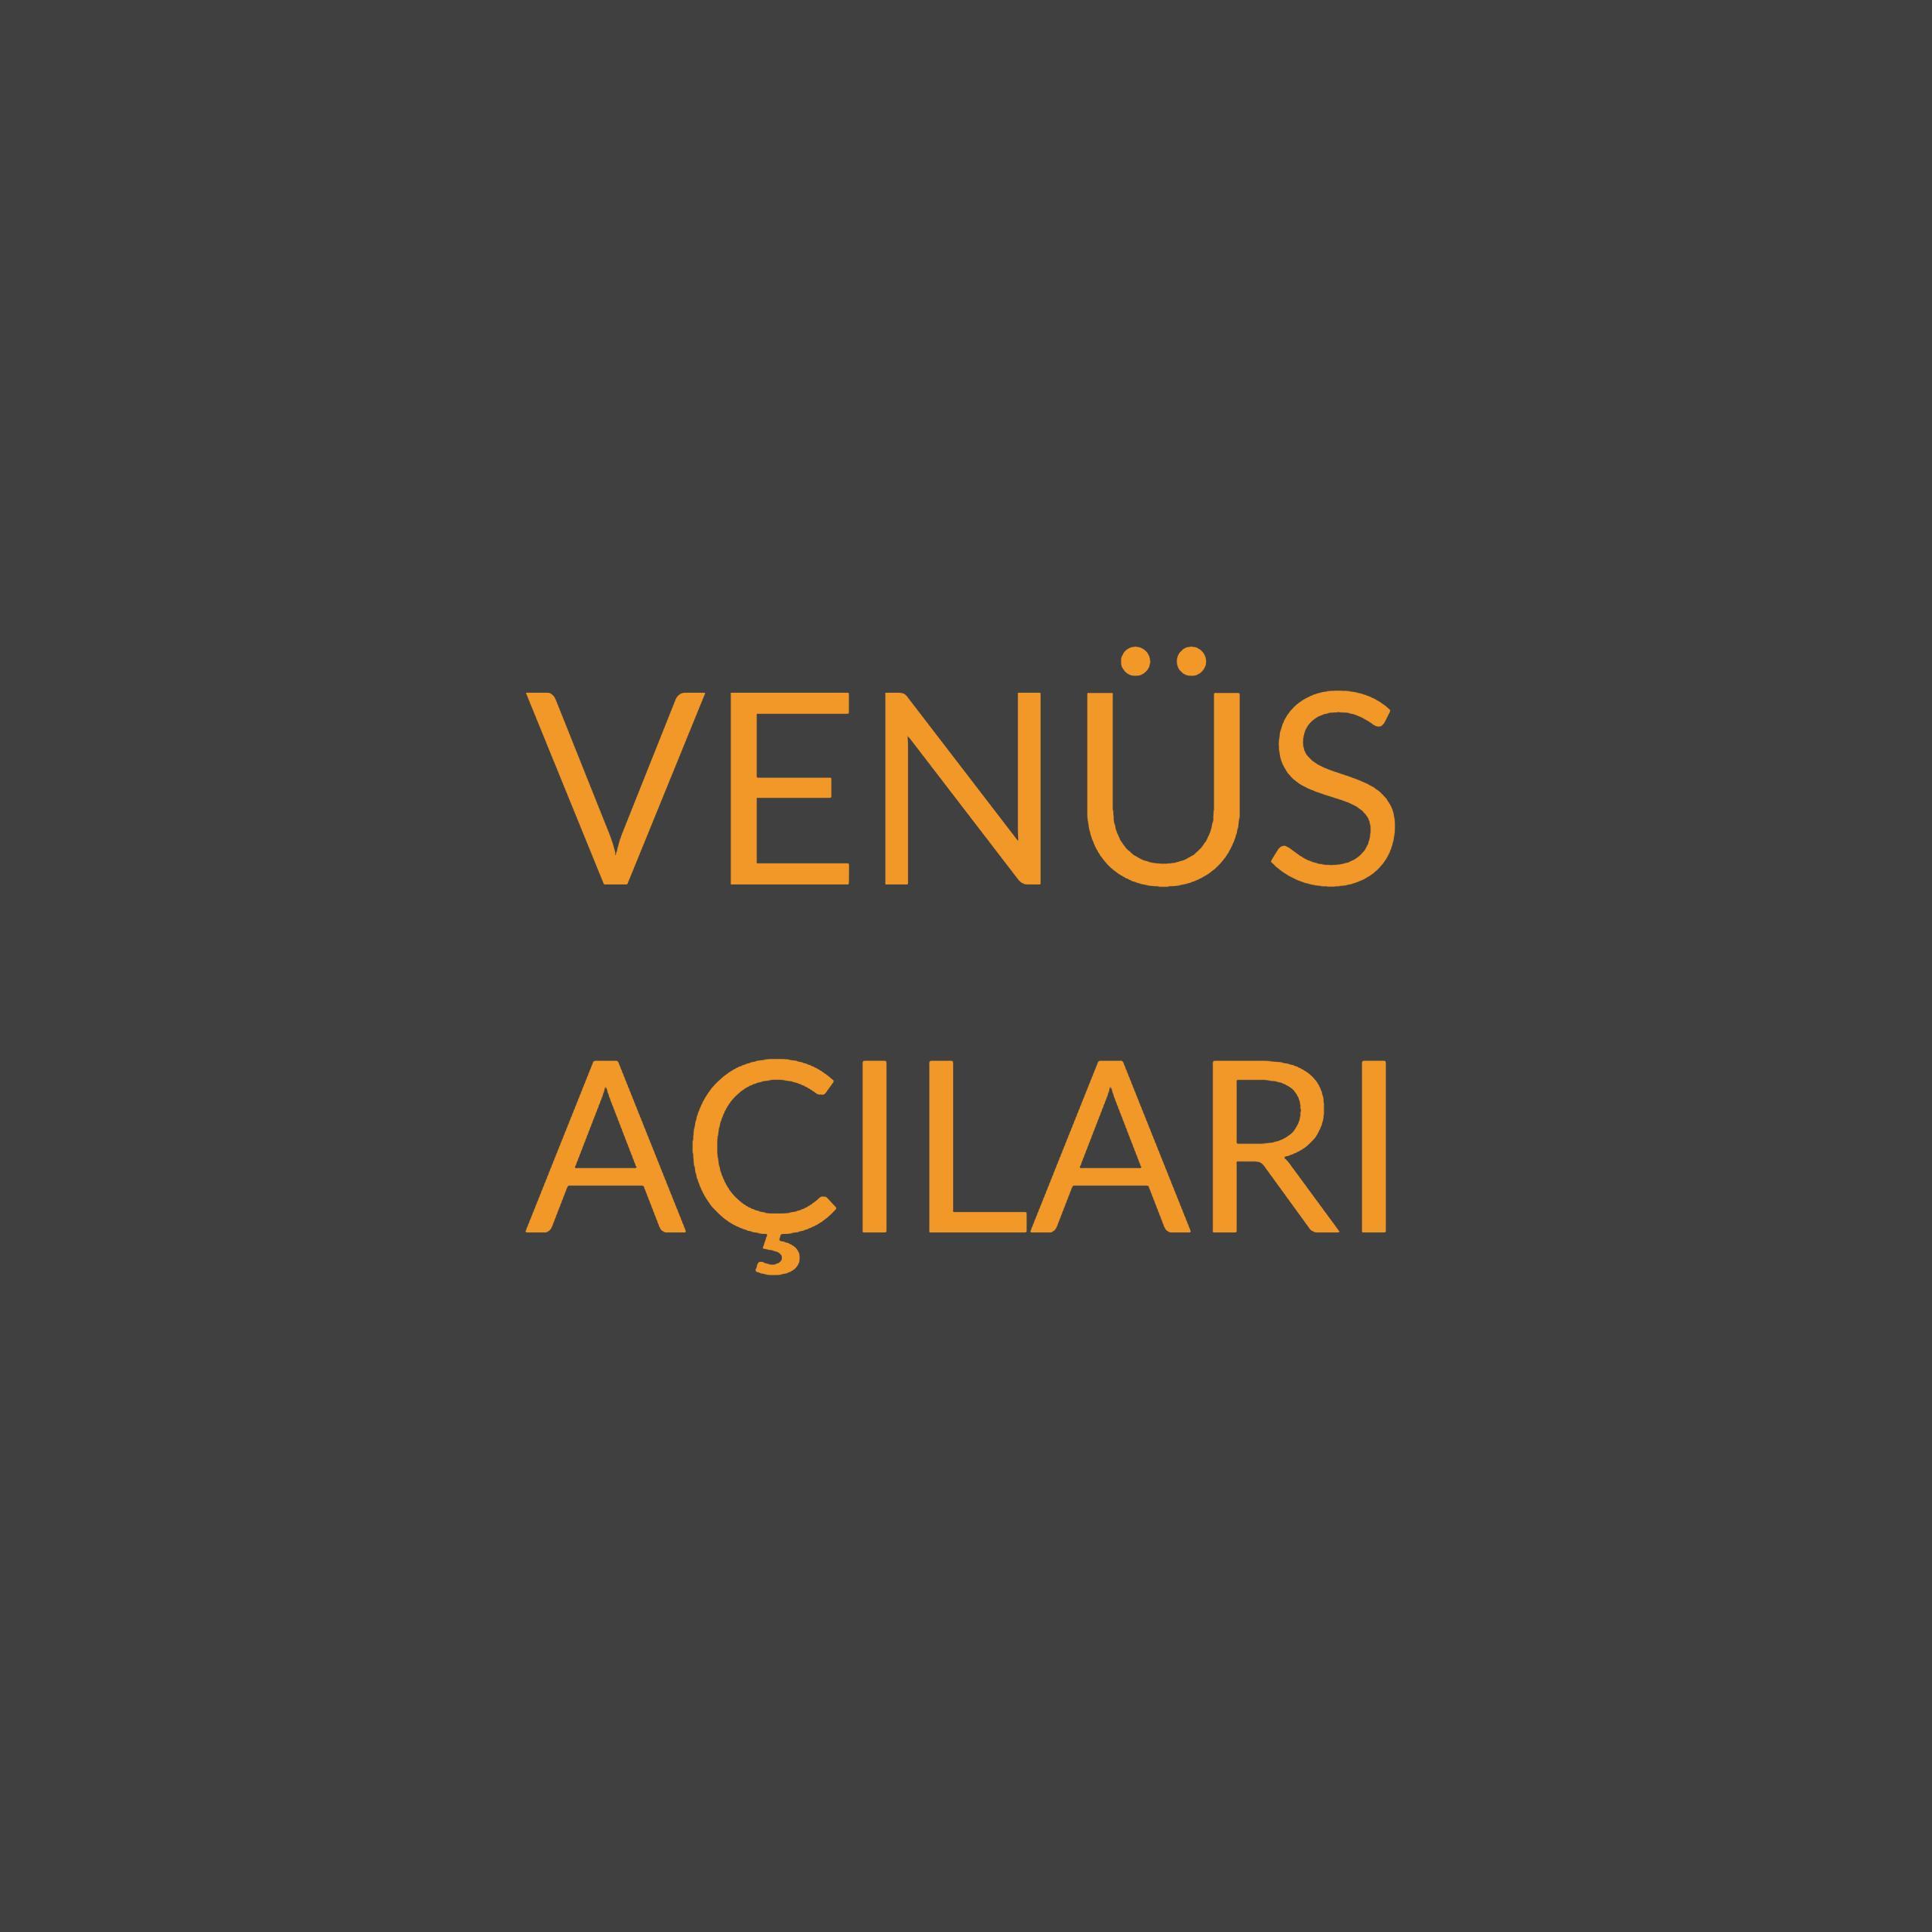 3.05 – Venüs Açıları